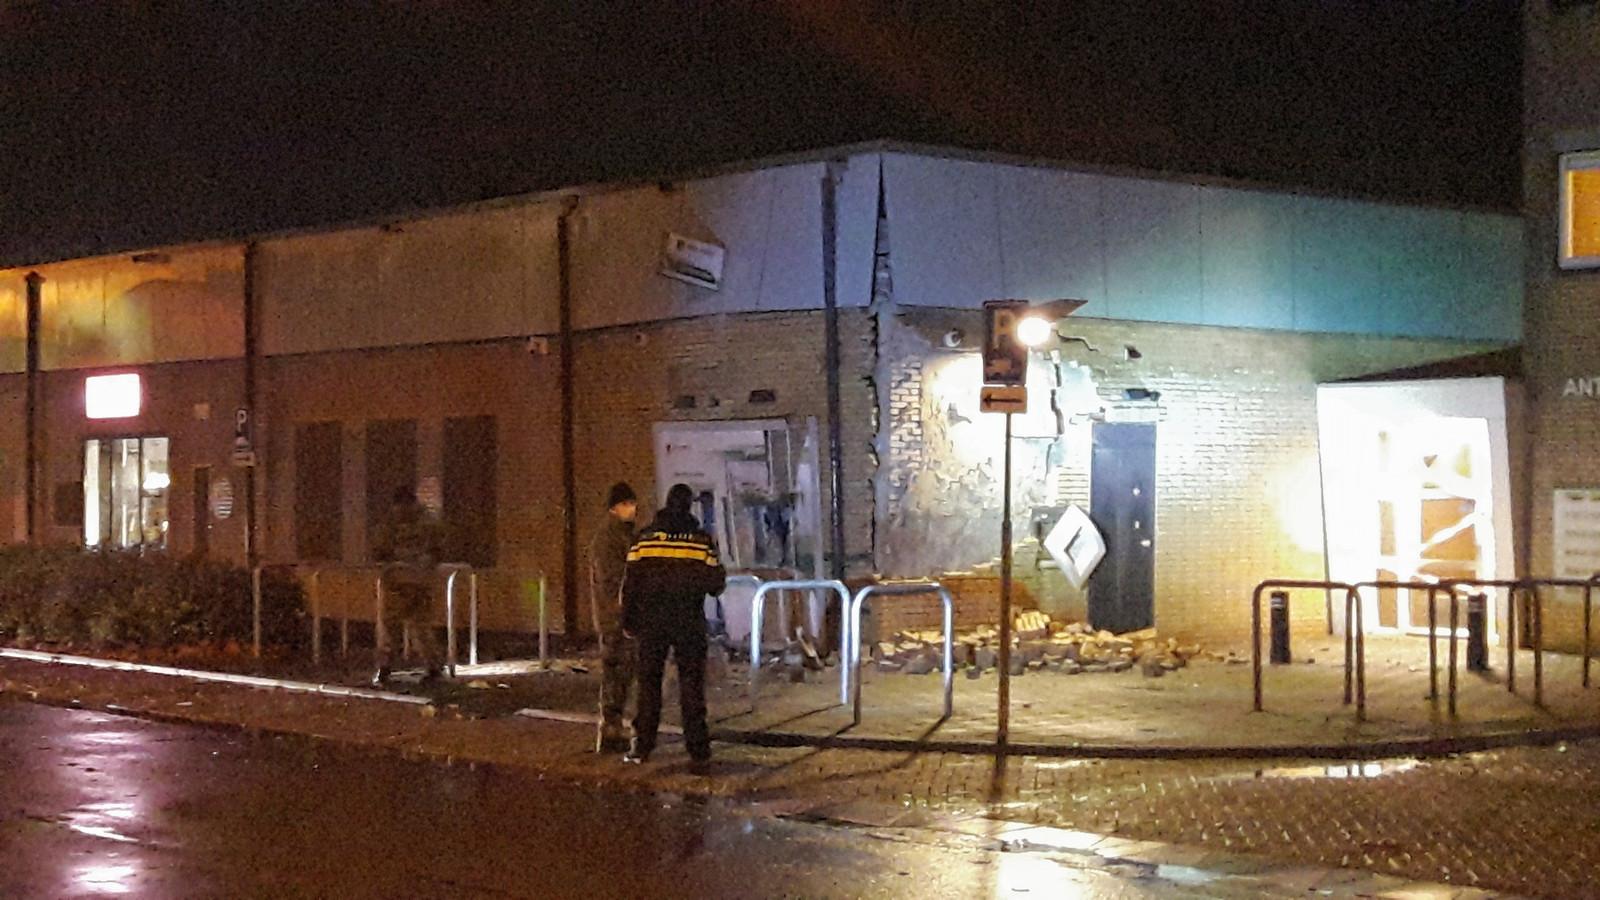 Politie en Explosieven Opruimings Dienst bij de plofkraak in de Hoge Vucht in Breda.